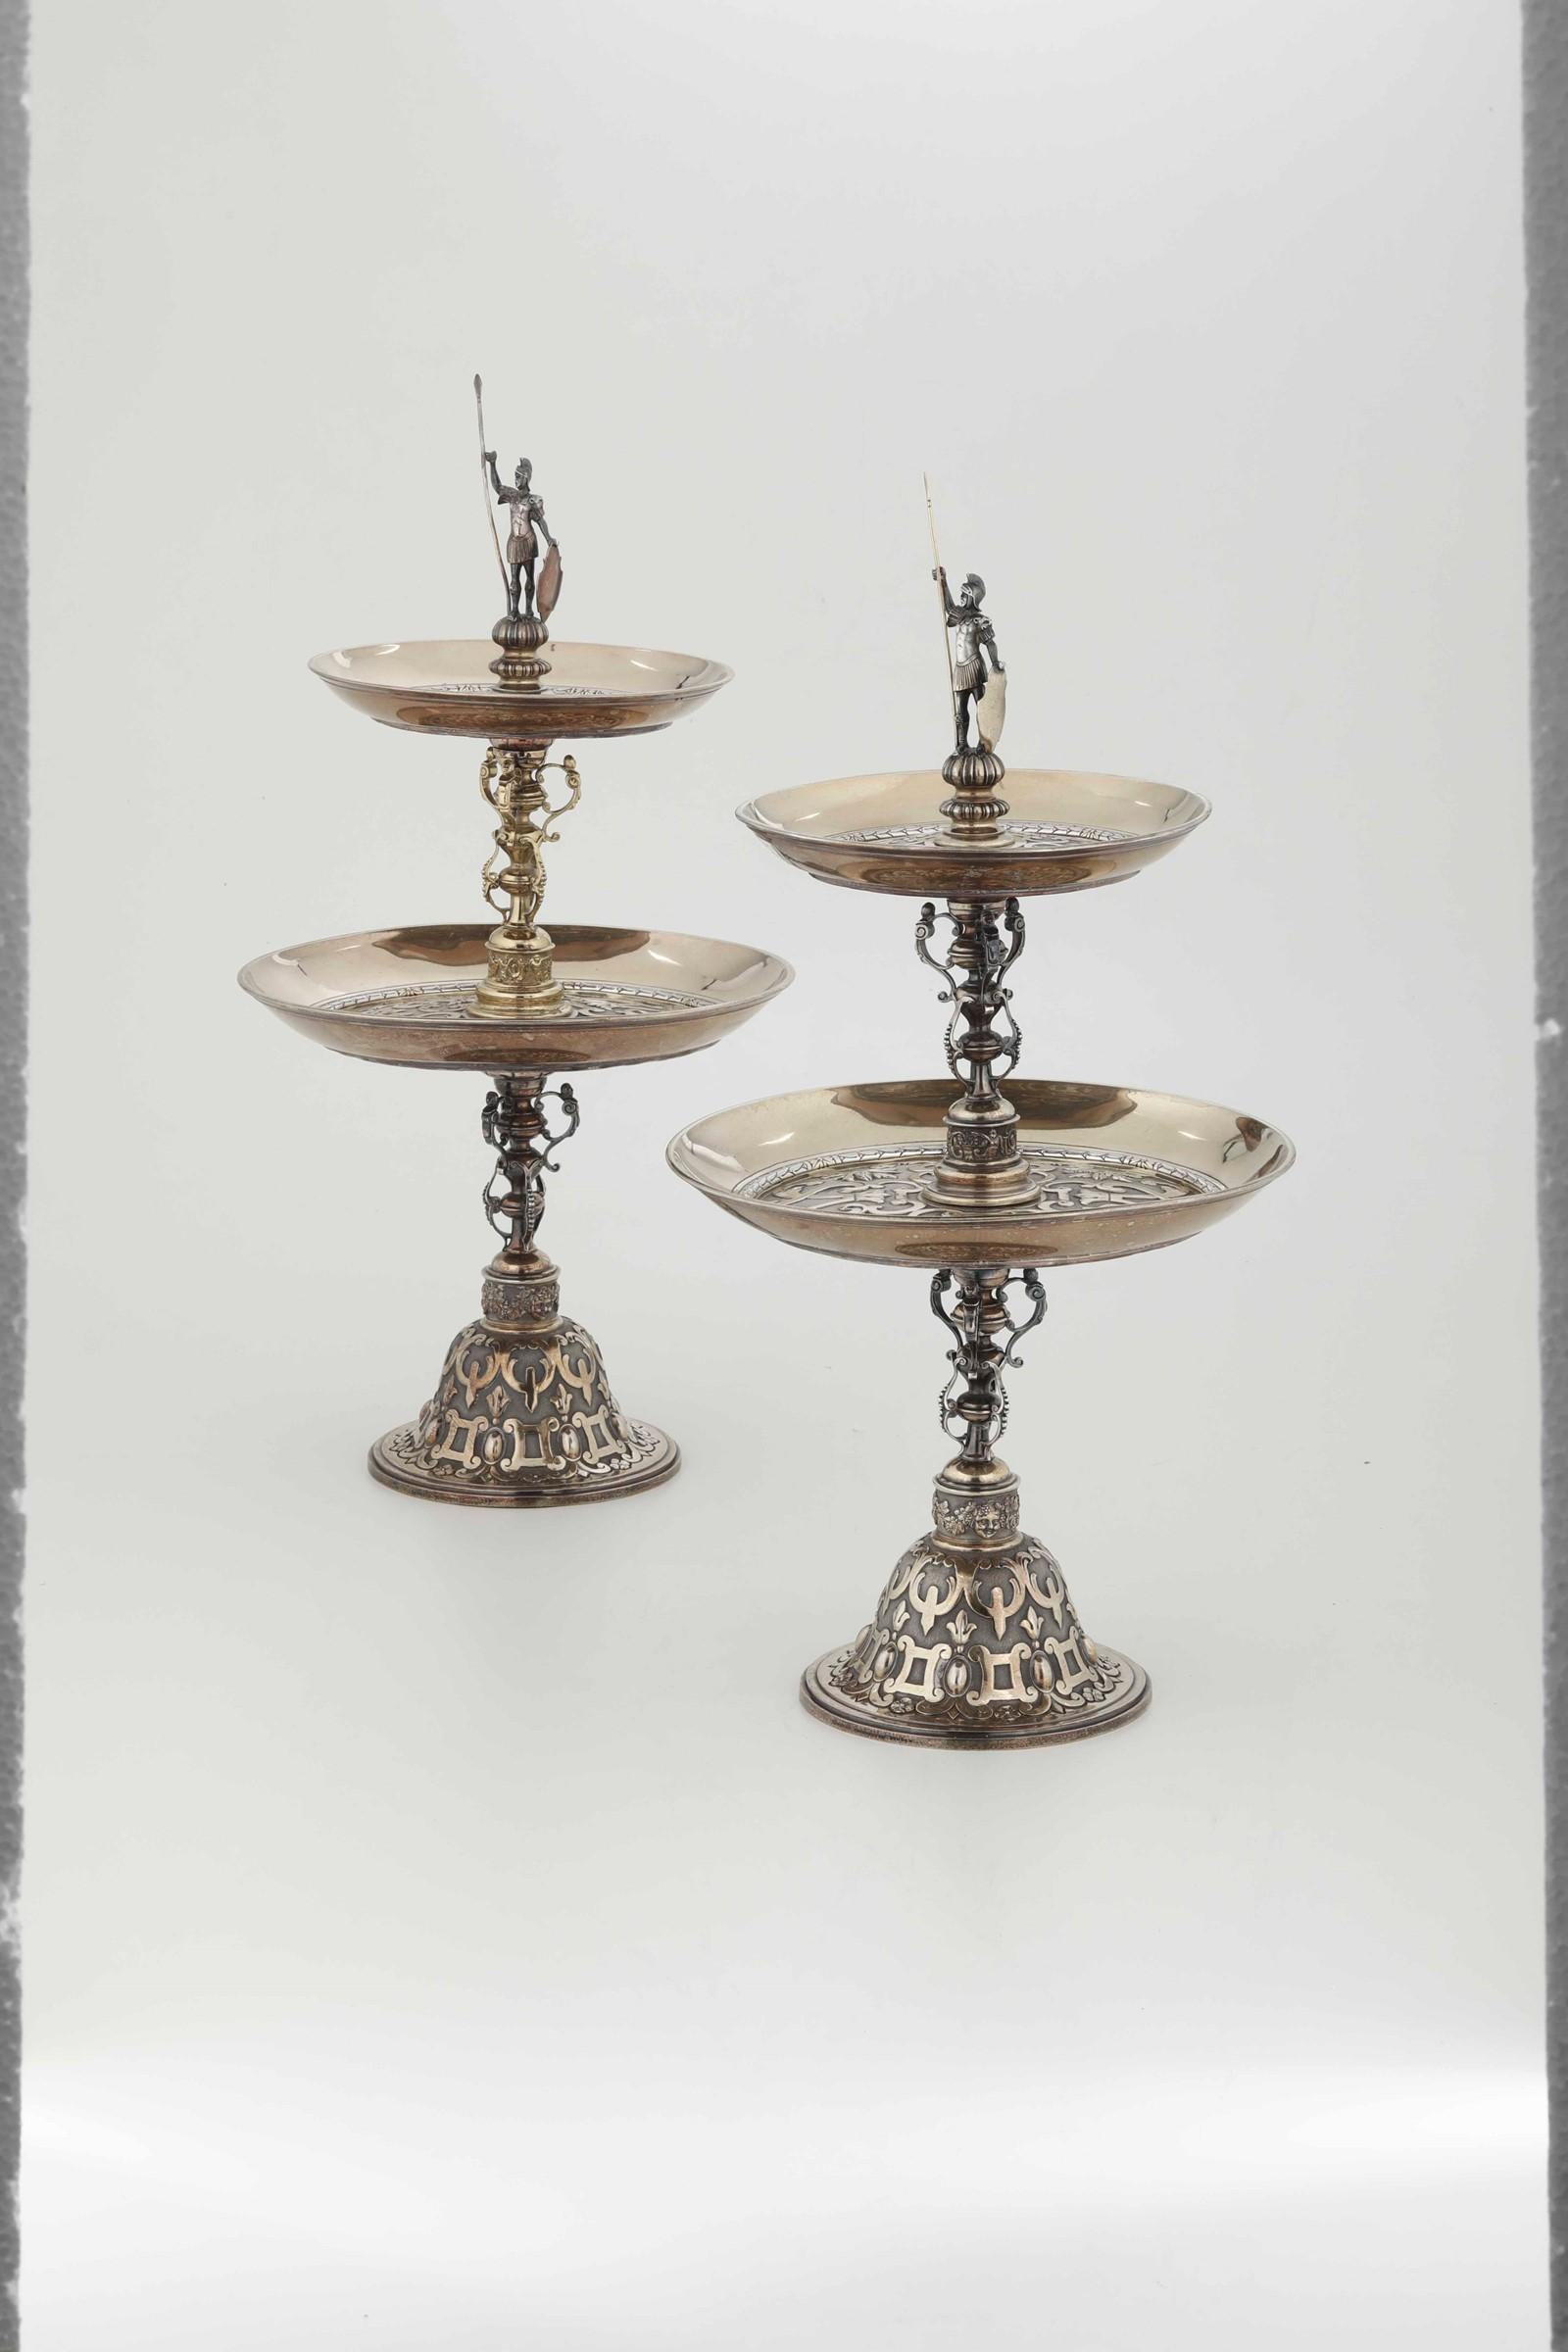 Coppia di importanti alzate in argento fuso, cesellato e dorato. Londra seconda metà [...] - Image 2 of 6